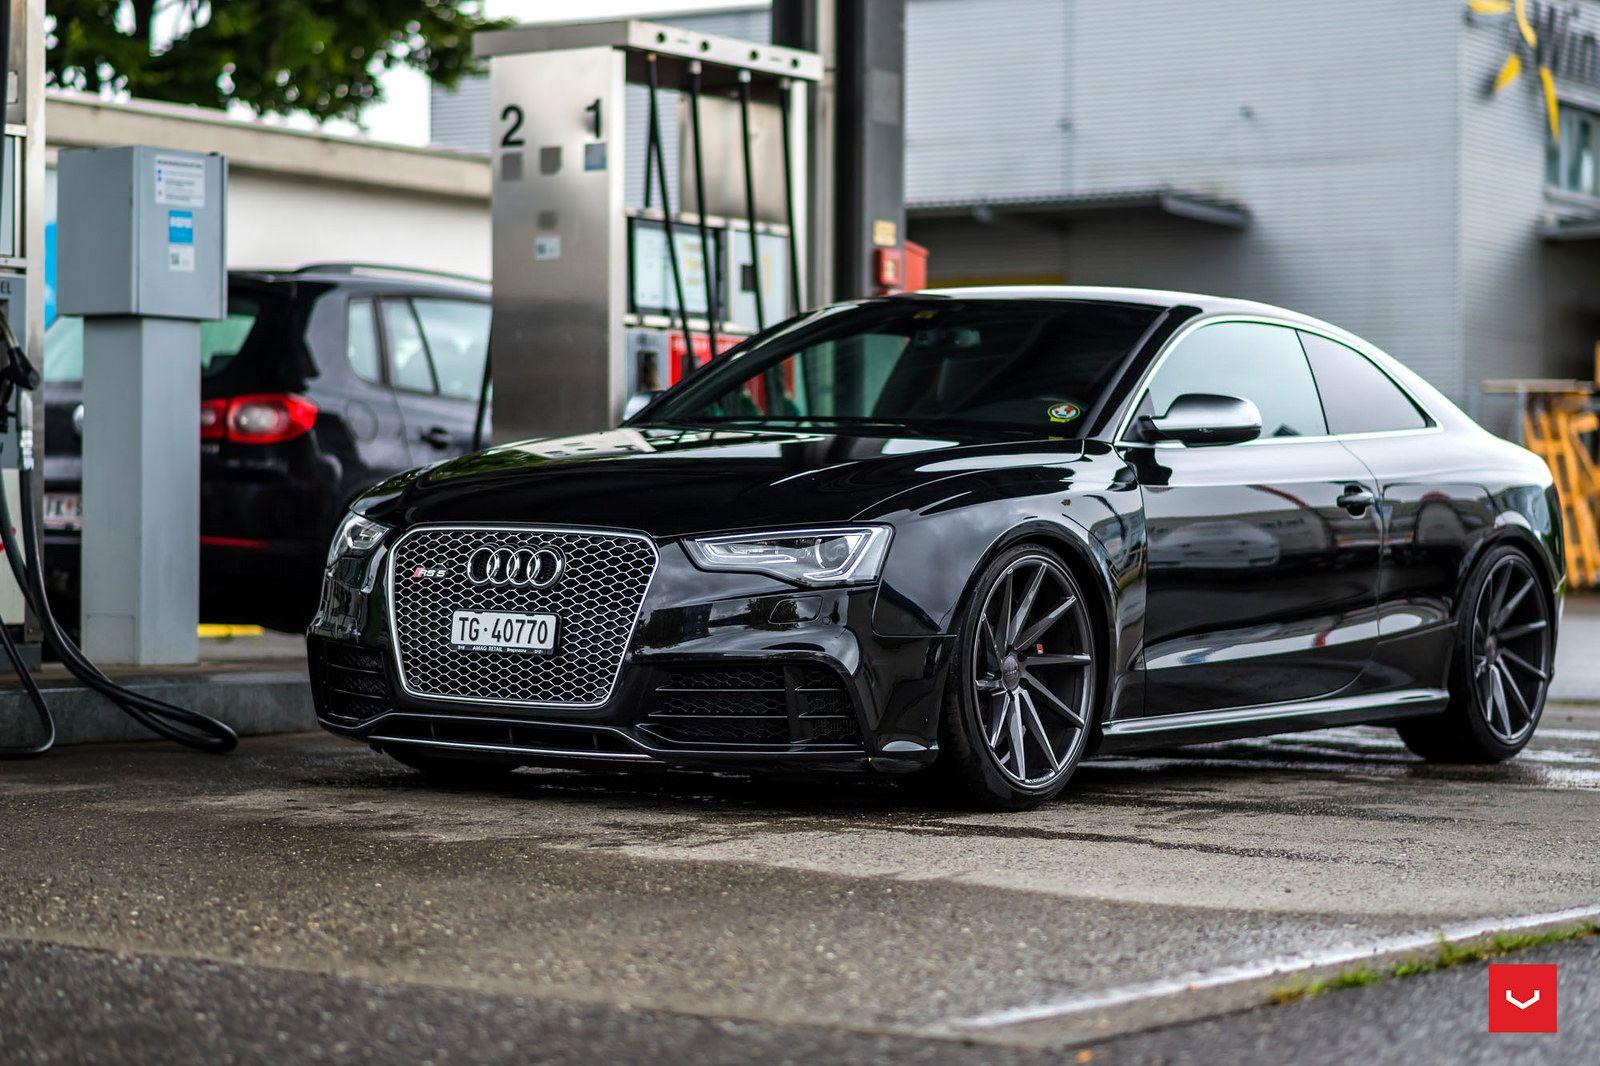 Kekurangan Audi Rs5 2015 Spesifikasi